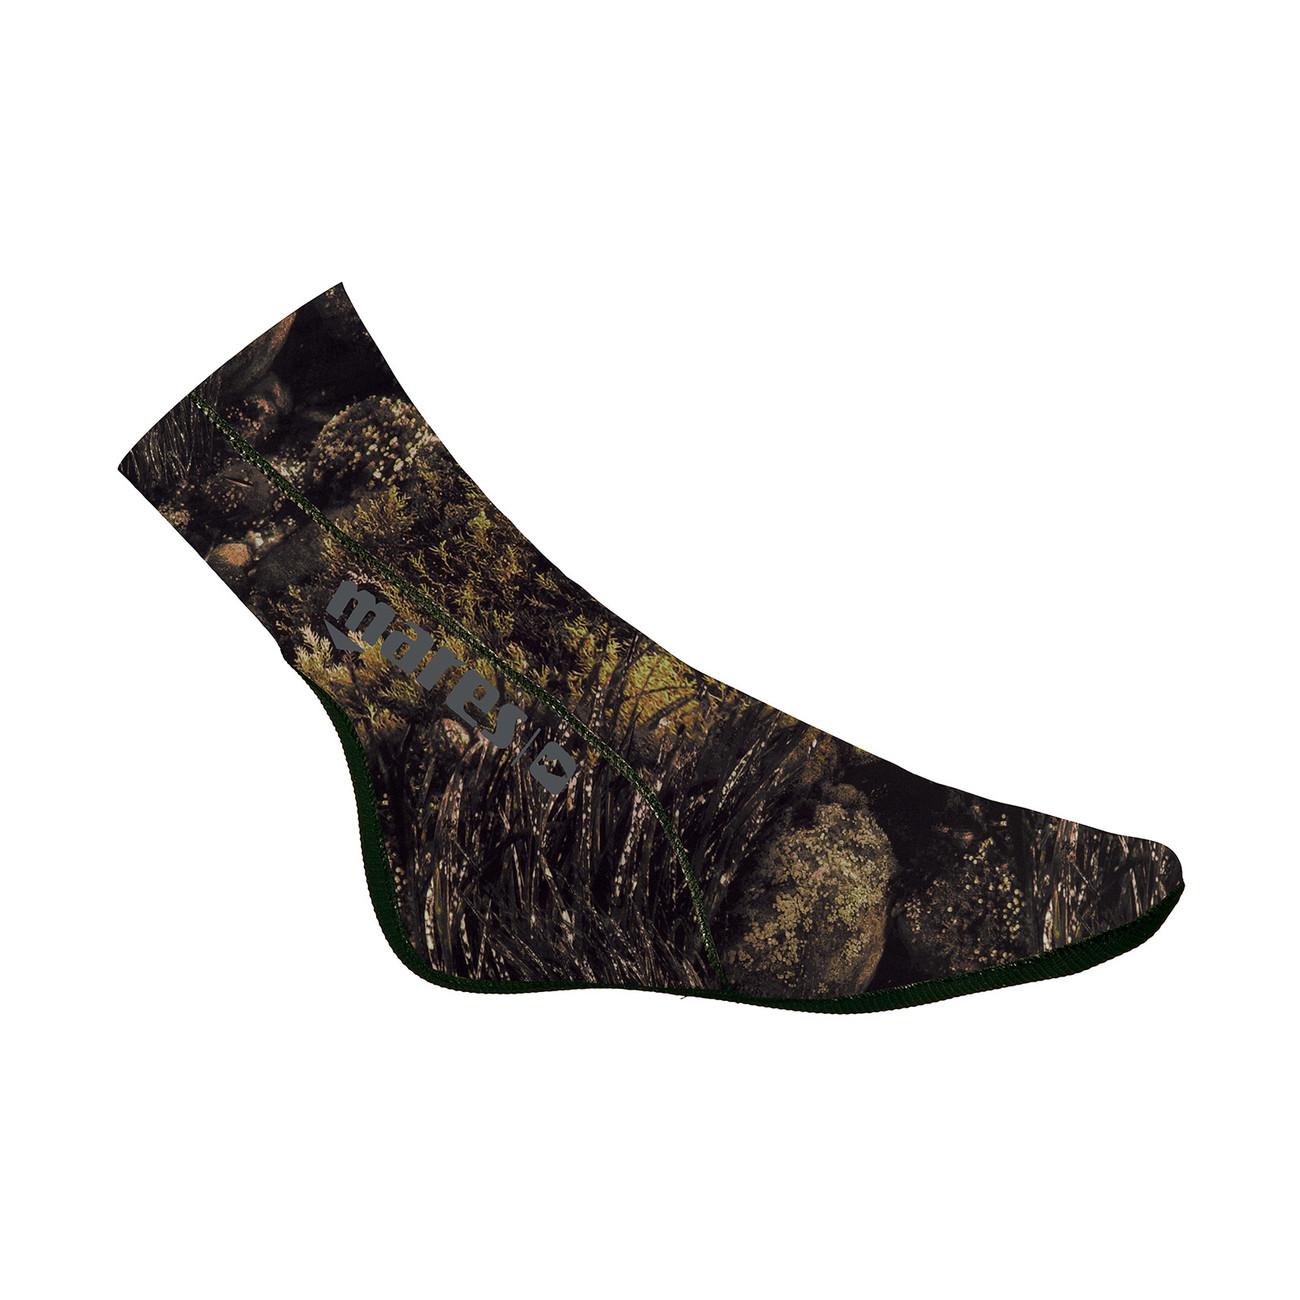 Неопренови чорапи ILLUSION 30 / 3 мм - Mares